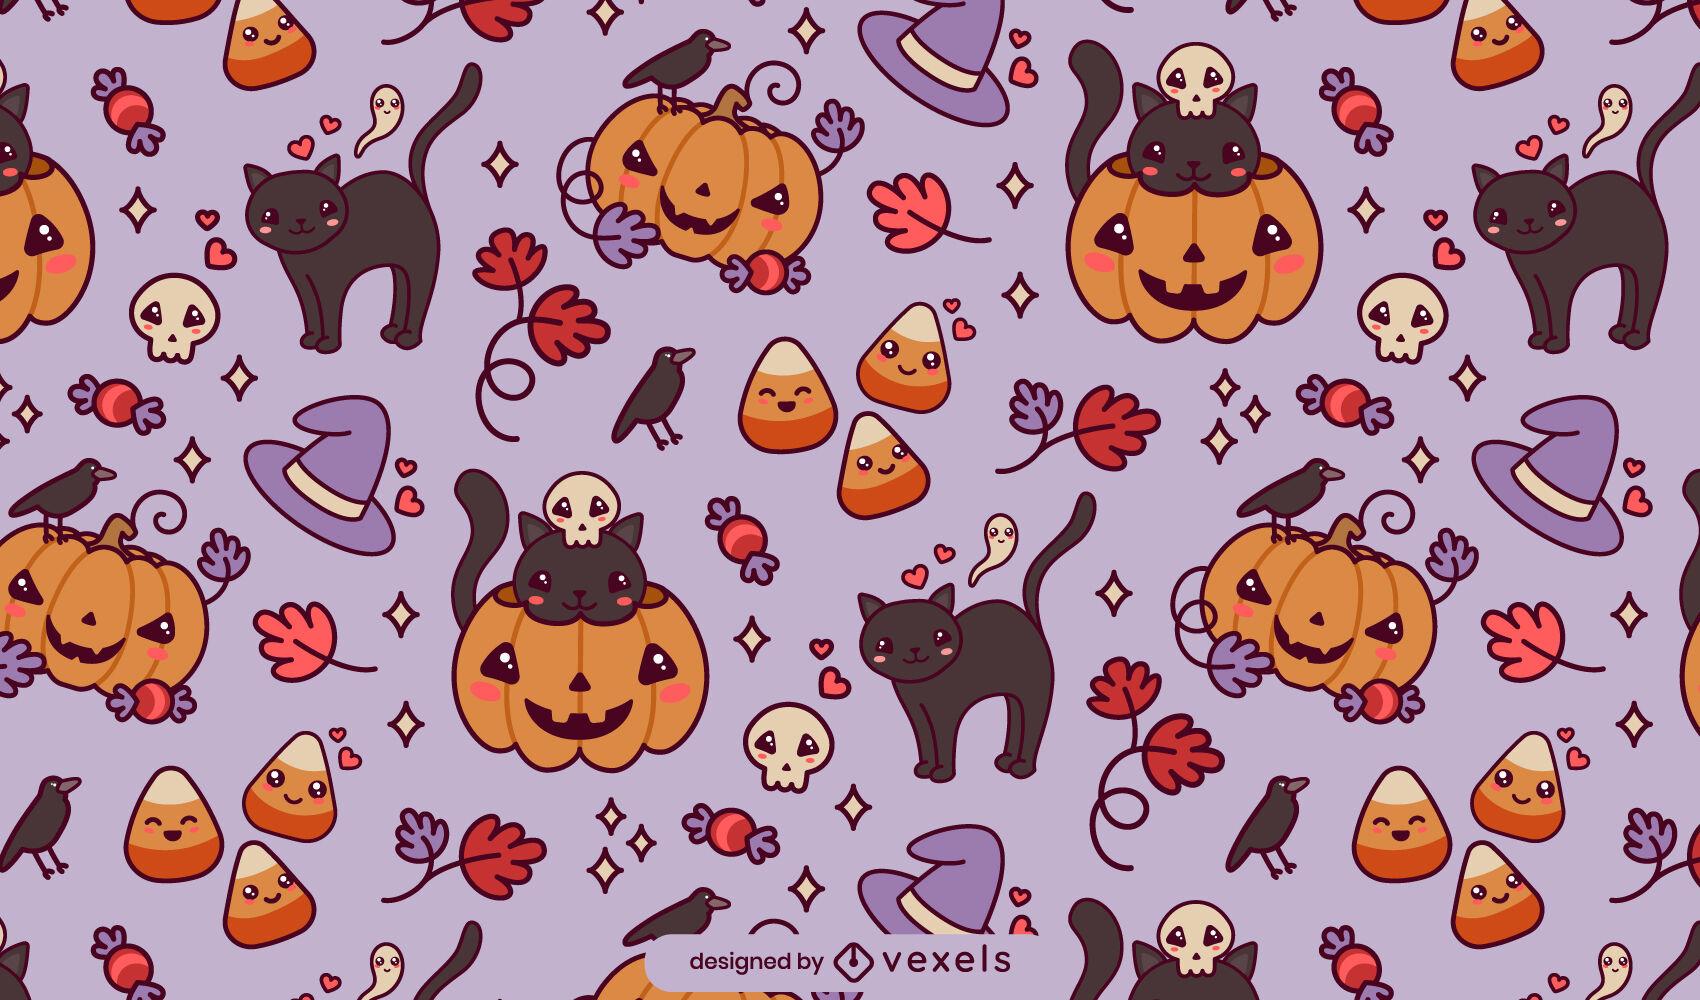 Lindo dise?o de patr?n de Halloween